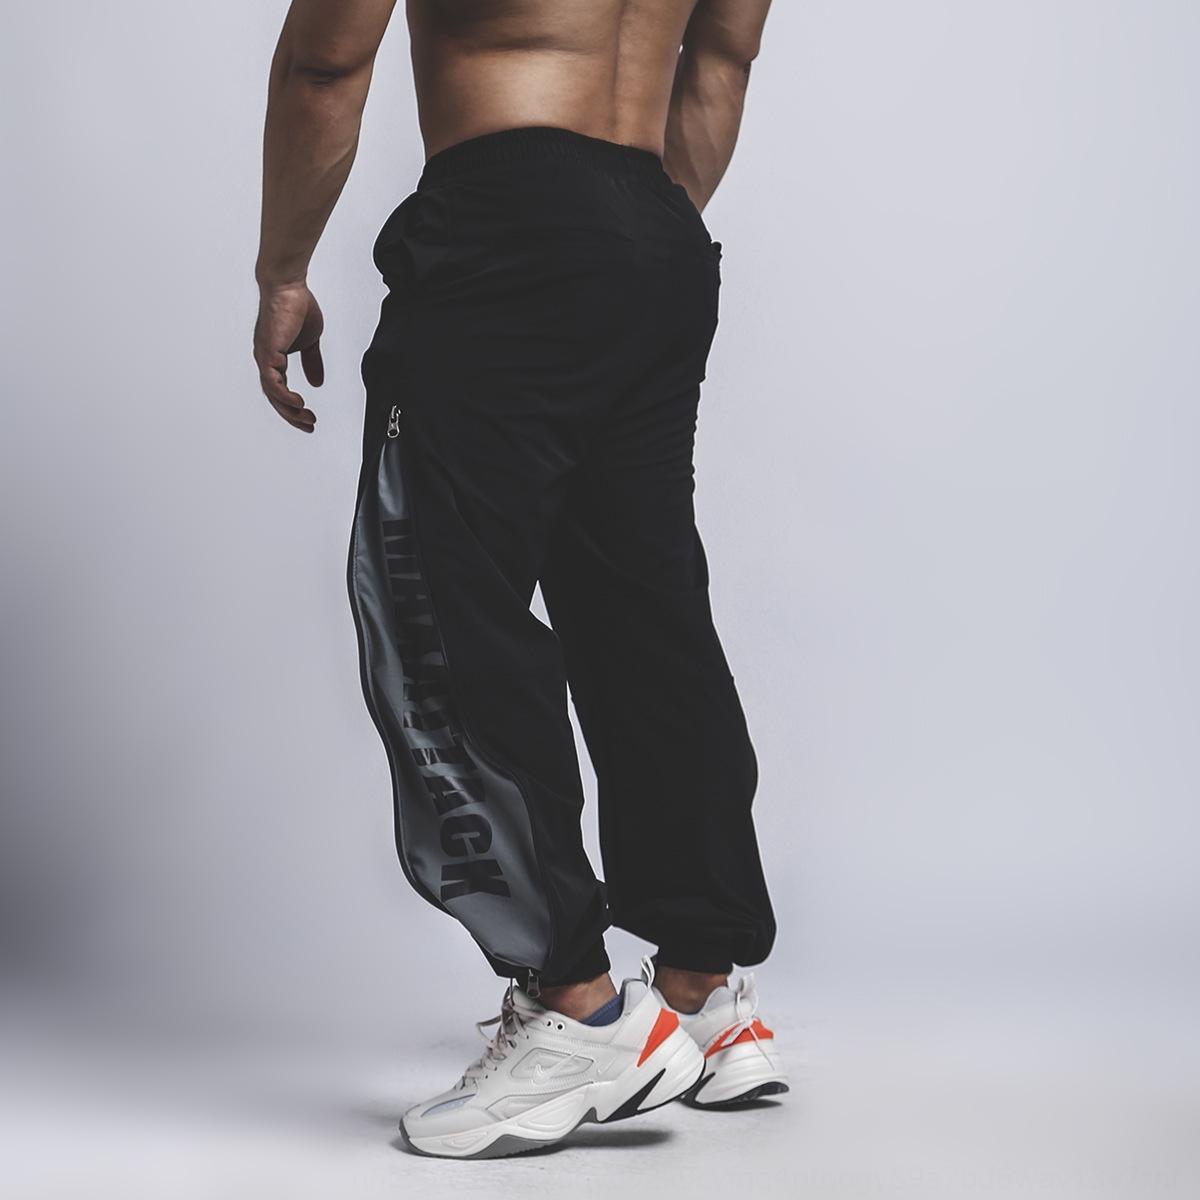 хоп рыхлой фитнесс мужские осенне-зимней моды марки свободные бедра поножи широкий широкие брюки спортивные брюки спортивный ноги ногу MAXATTACK FB2fe